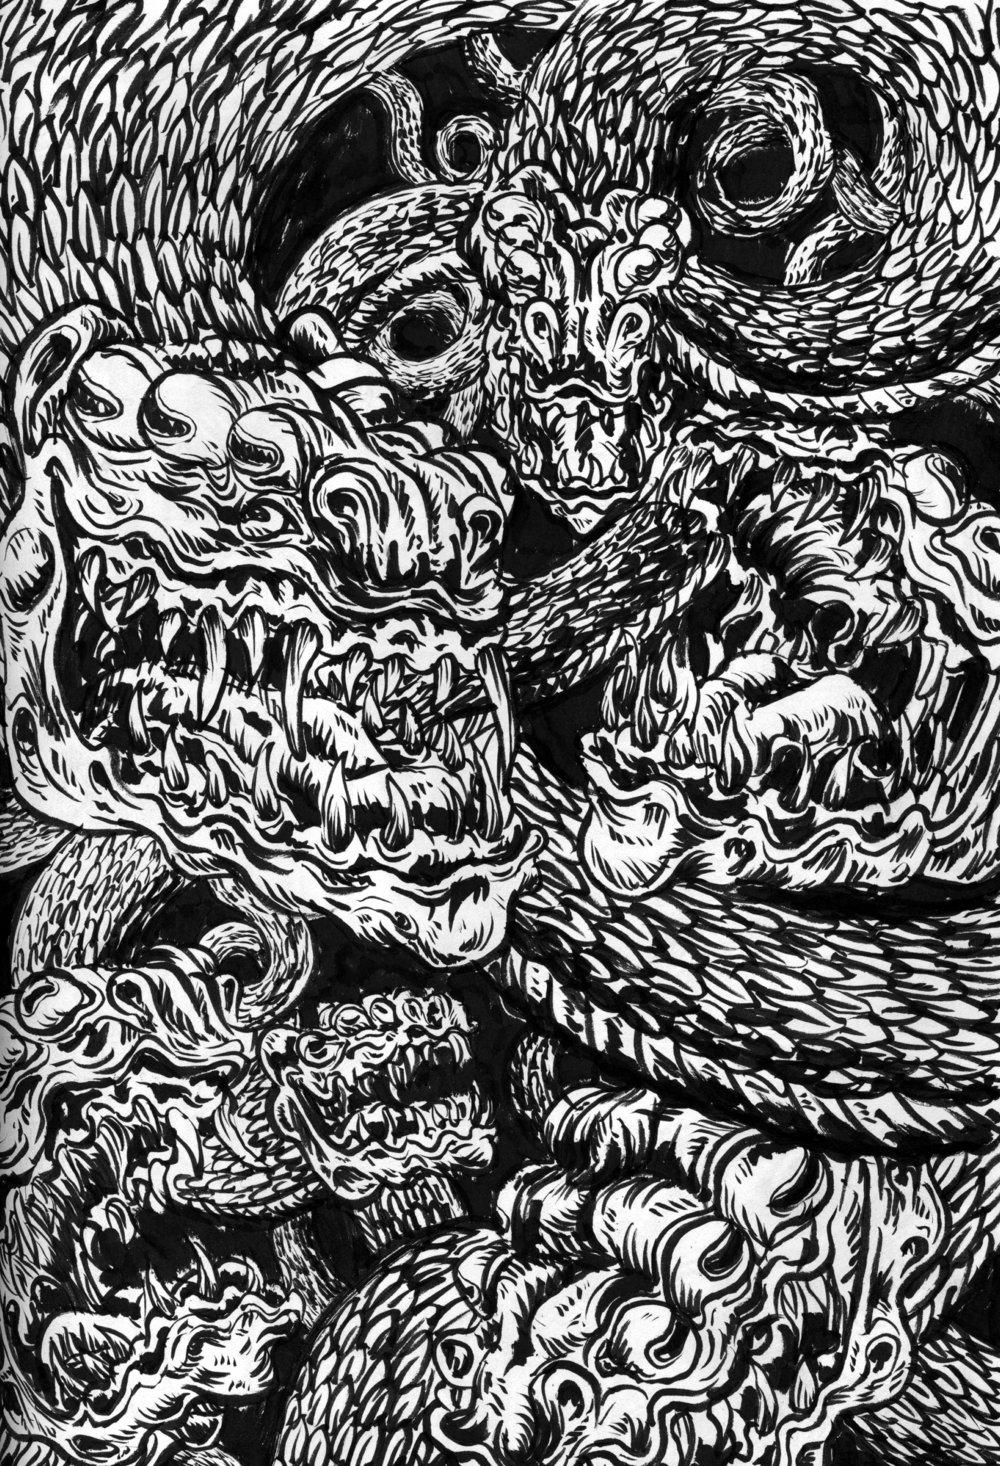 Demon Snakes